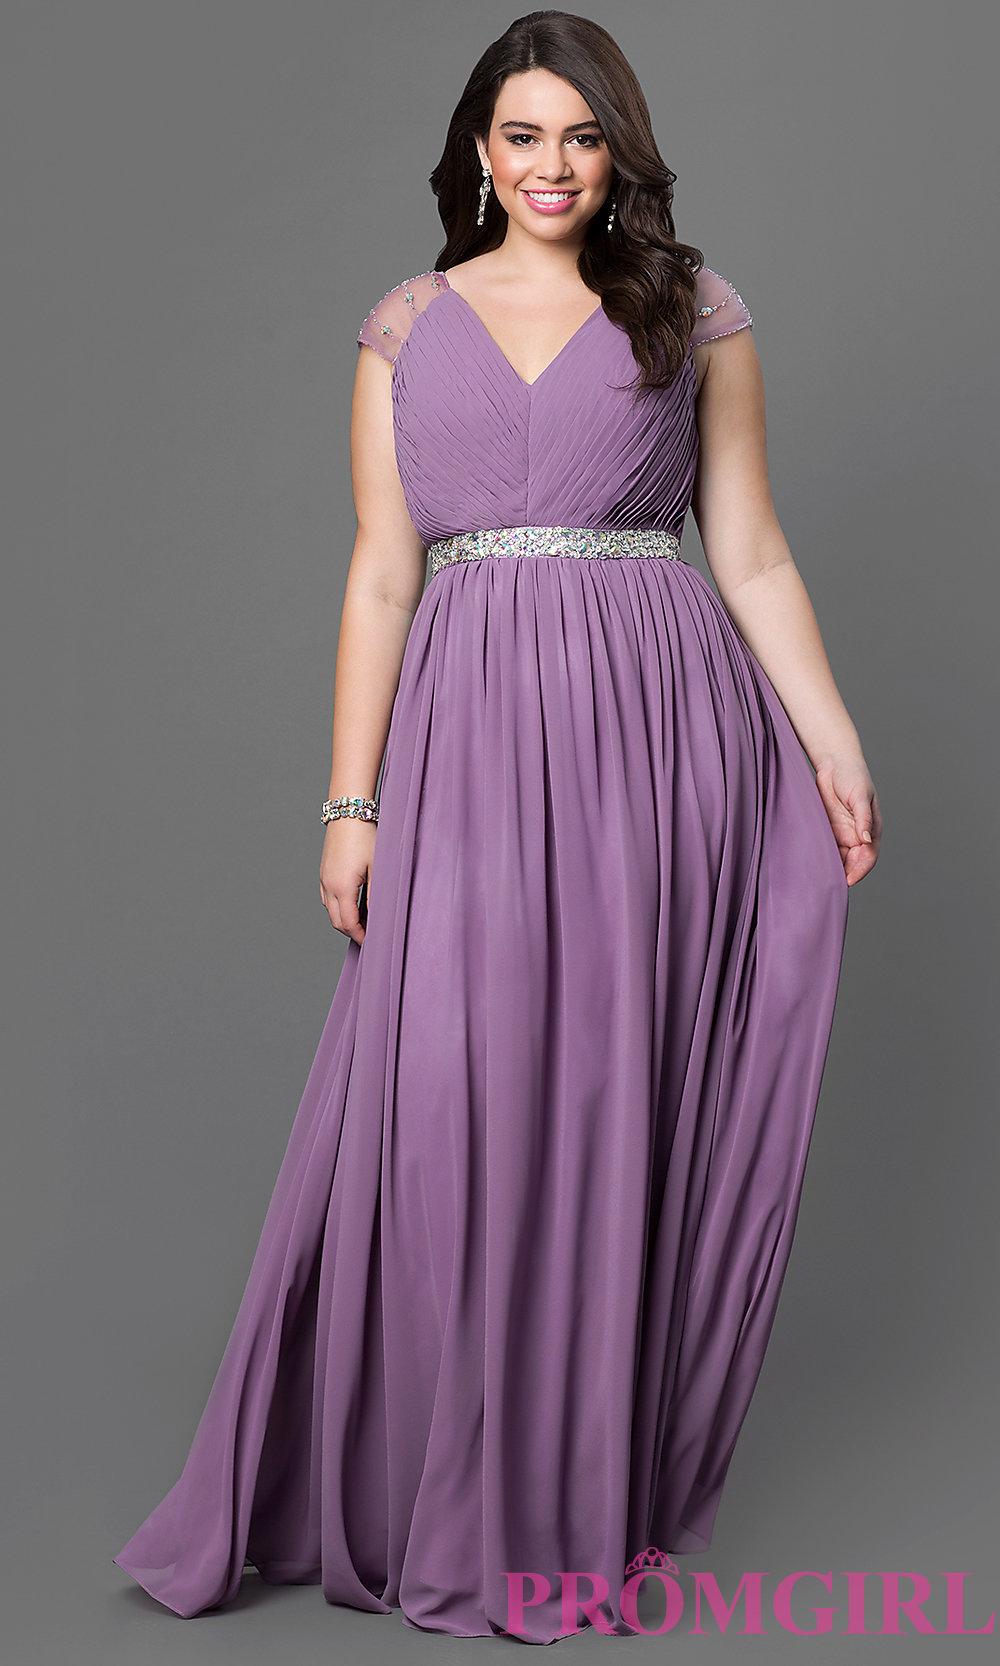 Formal Dresses Plus Size